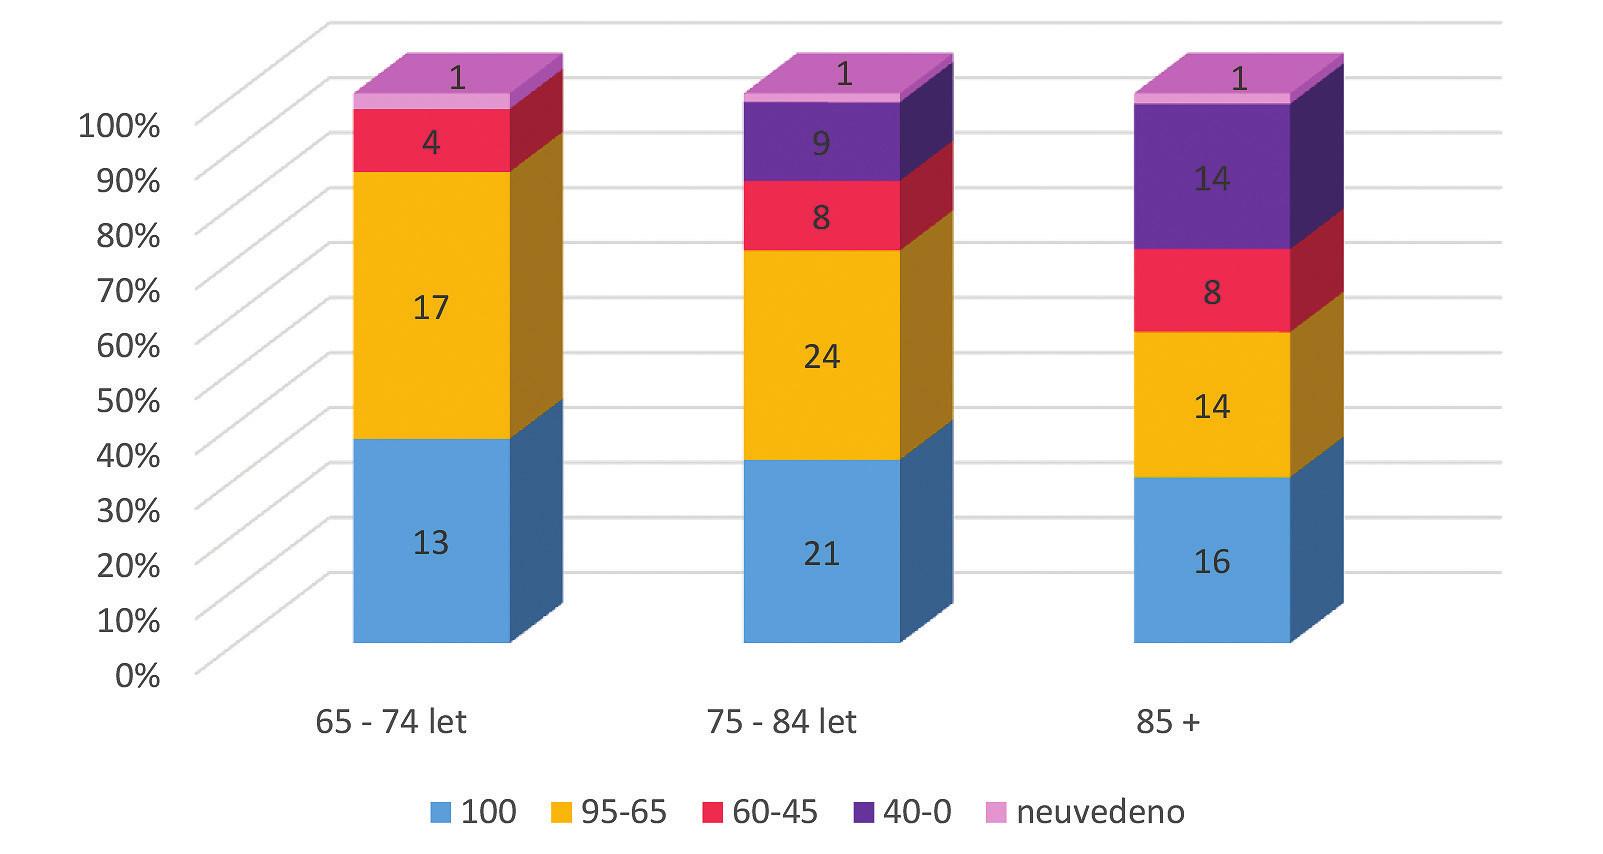 Rozložení hodnot ADL v jednotlivých věkových kategoriích